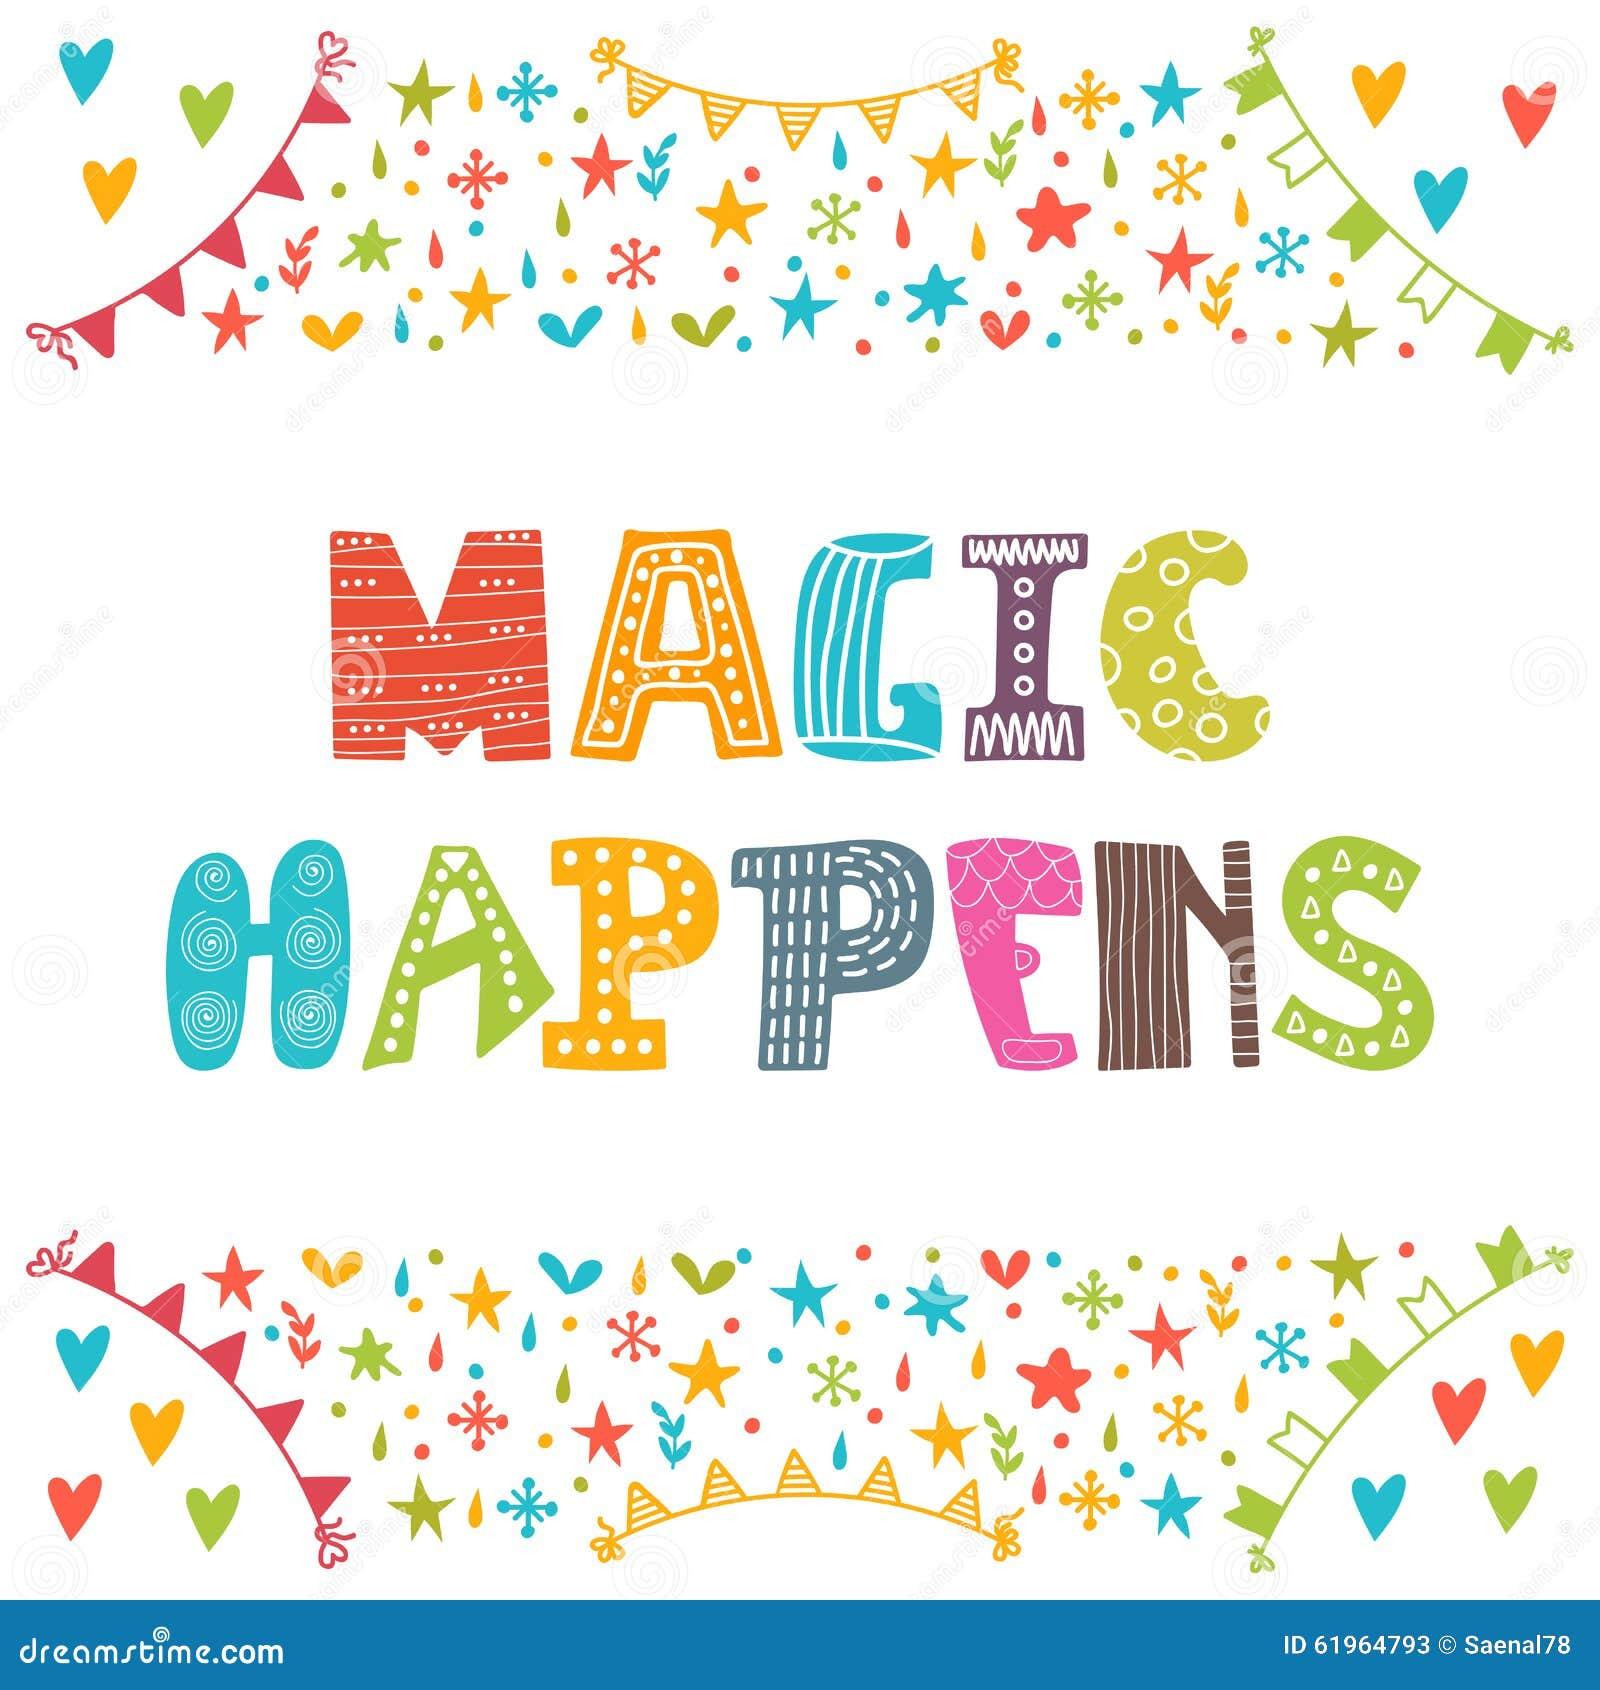 Μαγικός συμβαίνει Εμπνευσμένο κινητήριο απόσπασμα